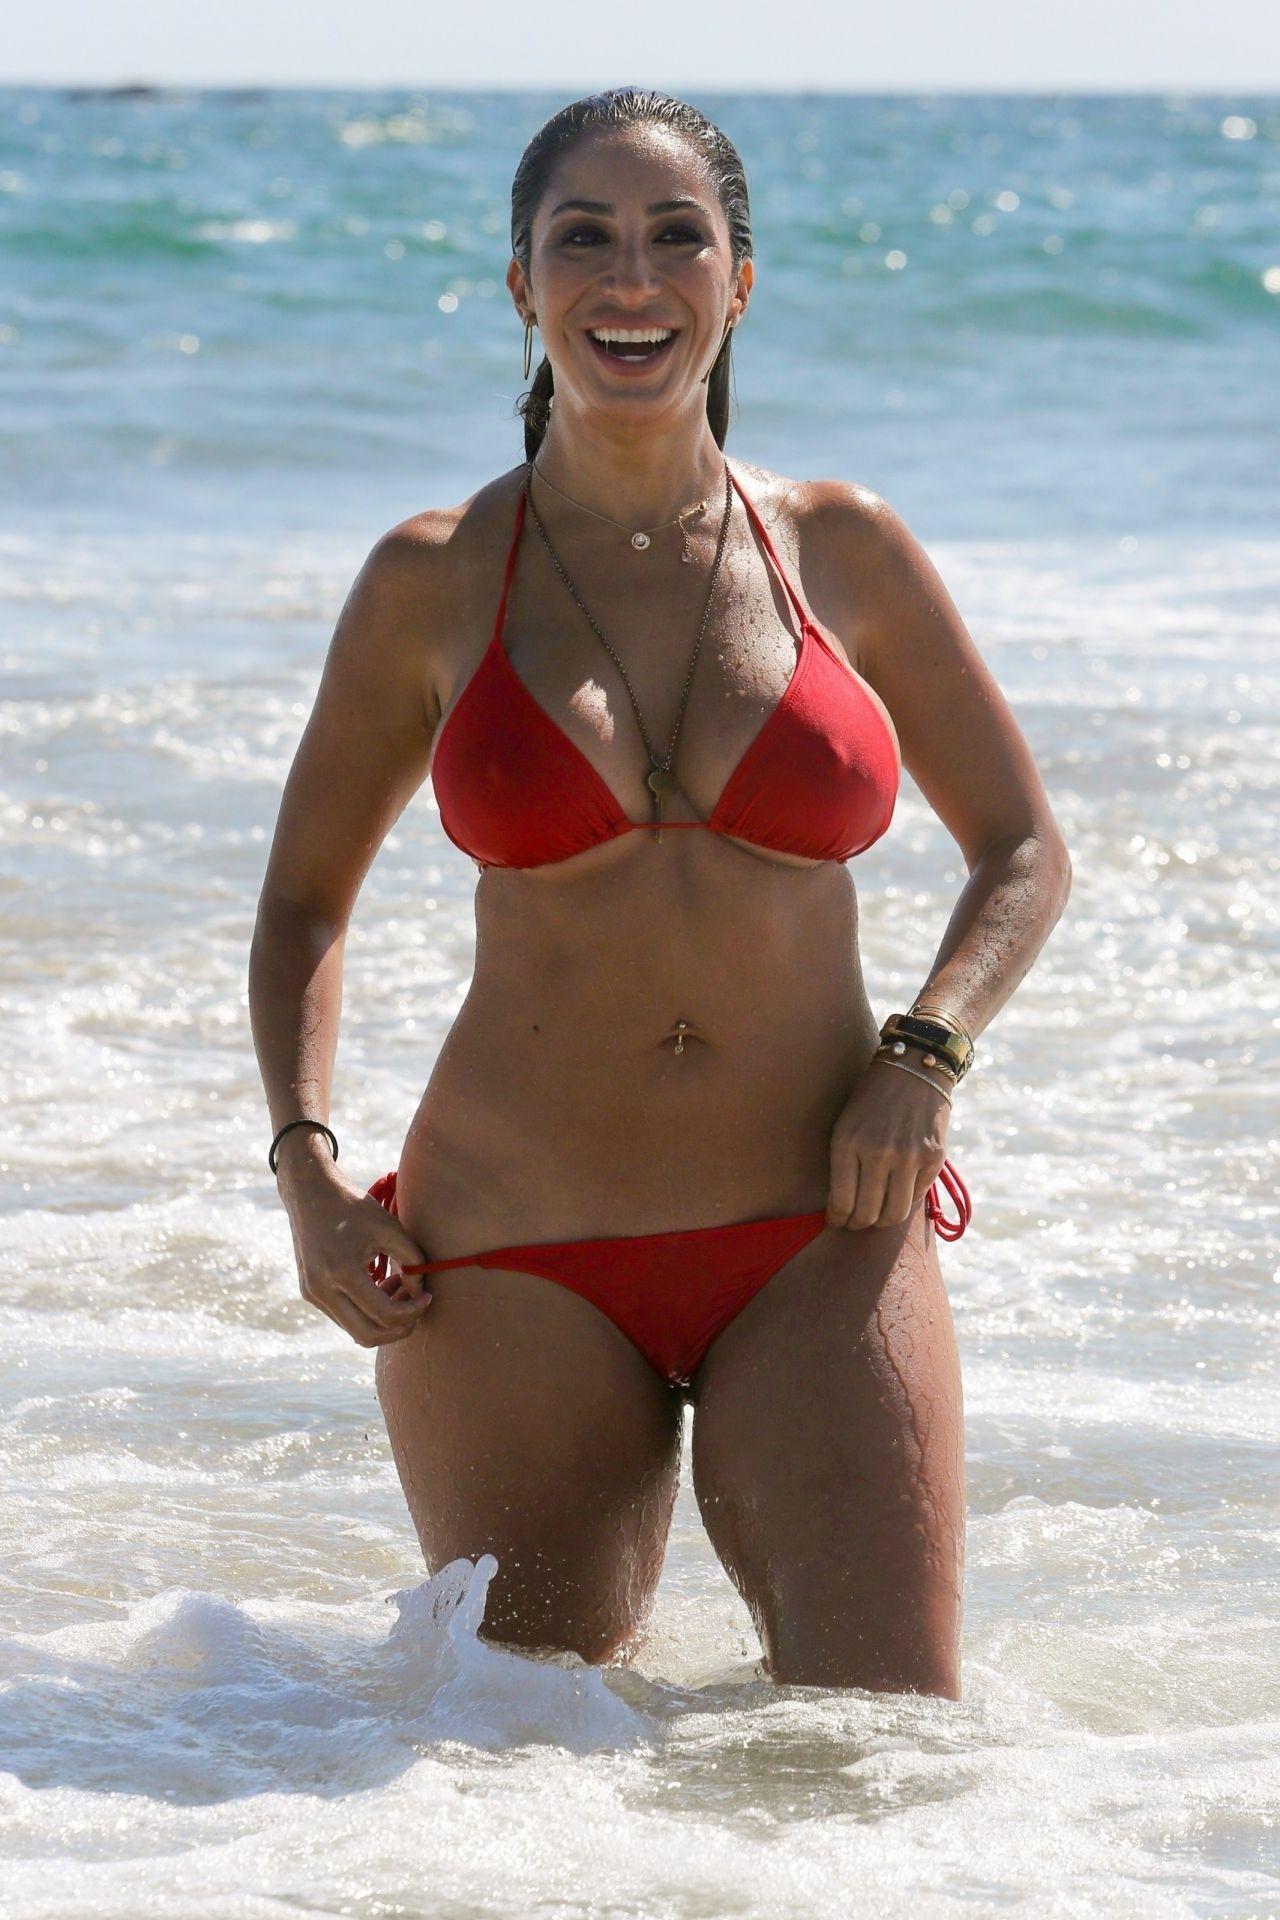 Ass Swimsuit Liana Mendoza  nudes (36 photos), Snapchat, cameltoe